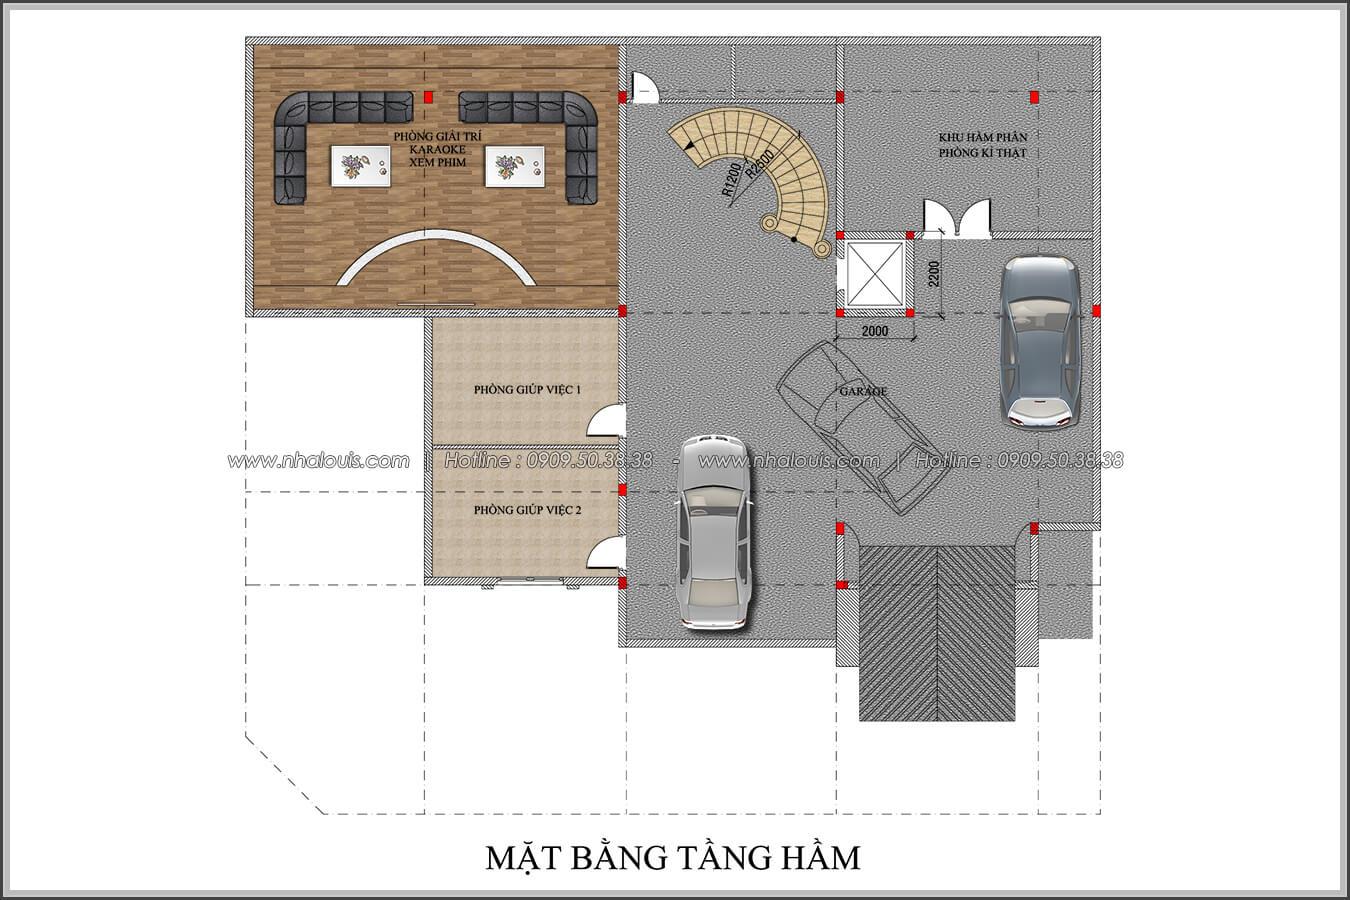 Mặt bằng tầng hầm thiết kế biệt thự có tầng hầm tại Bình Tân - 04